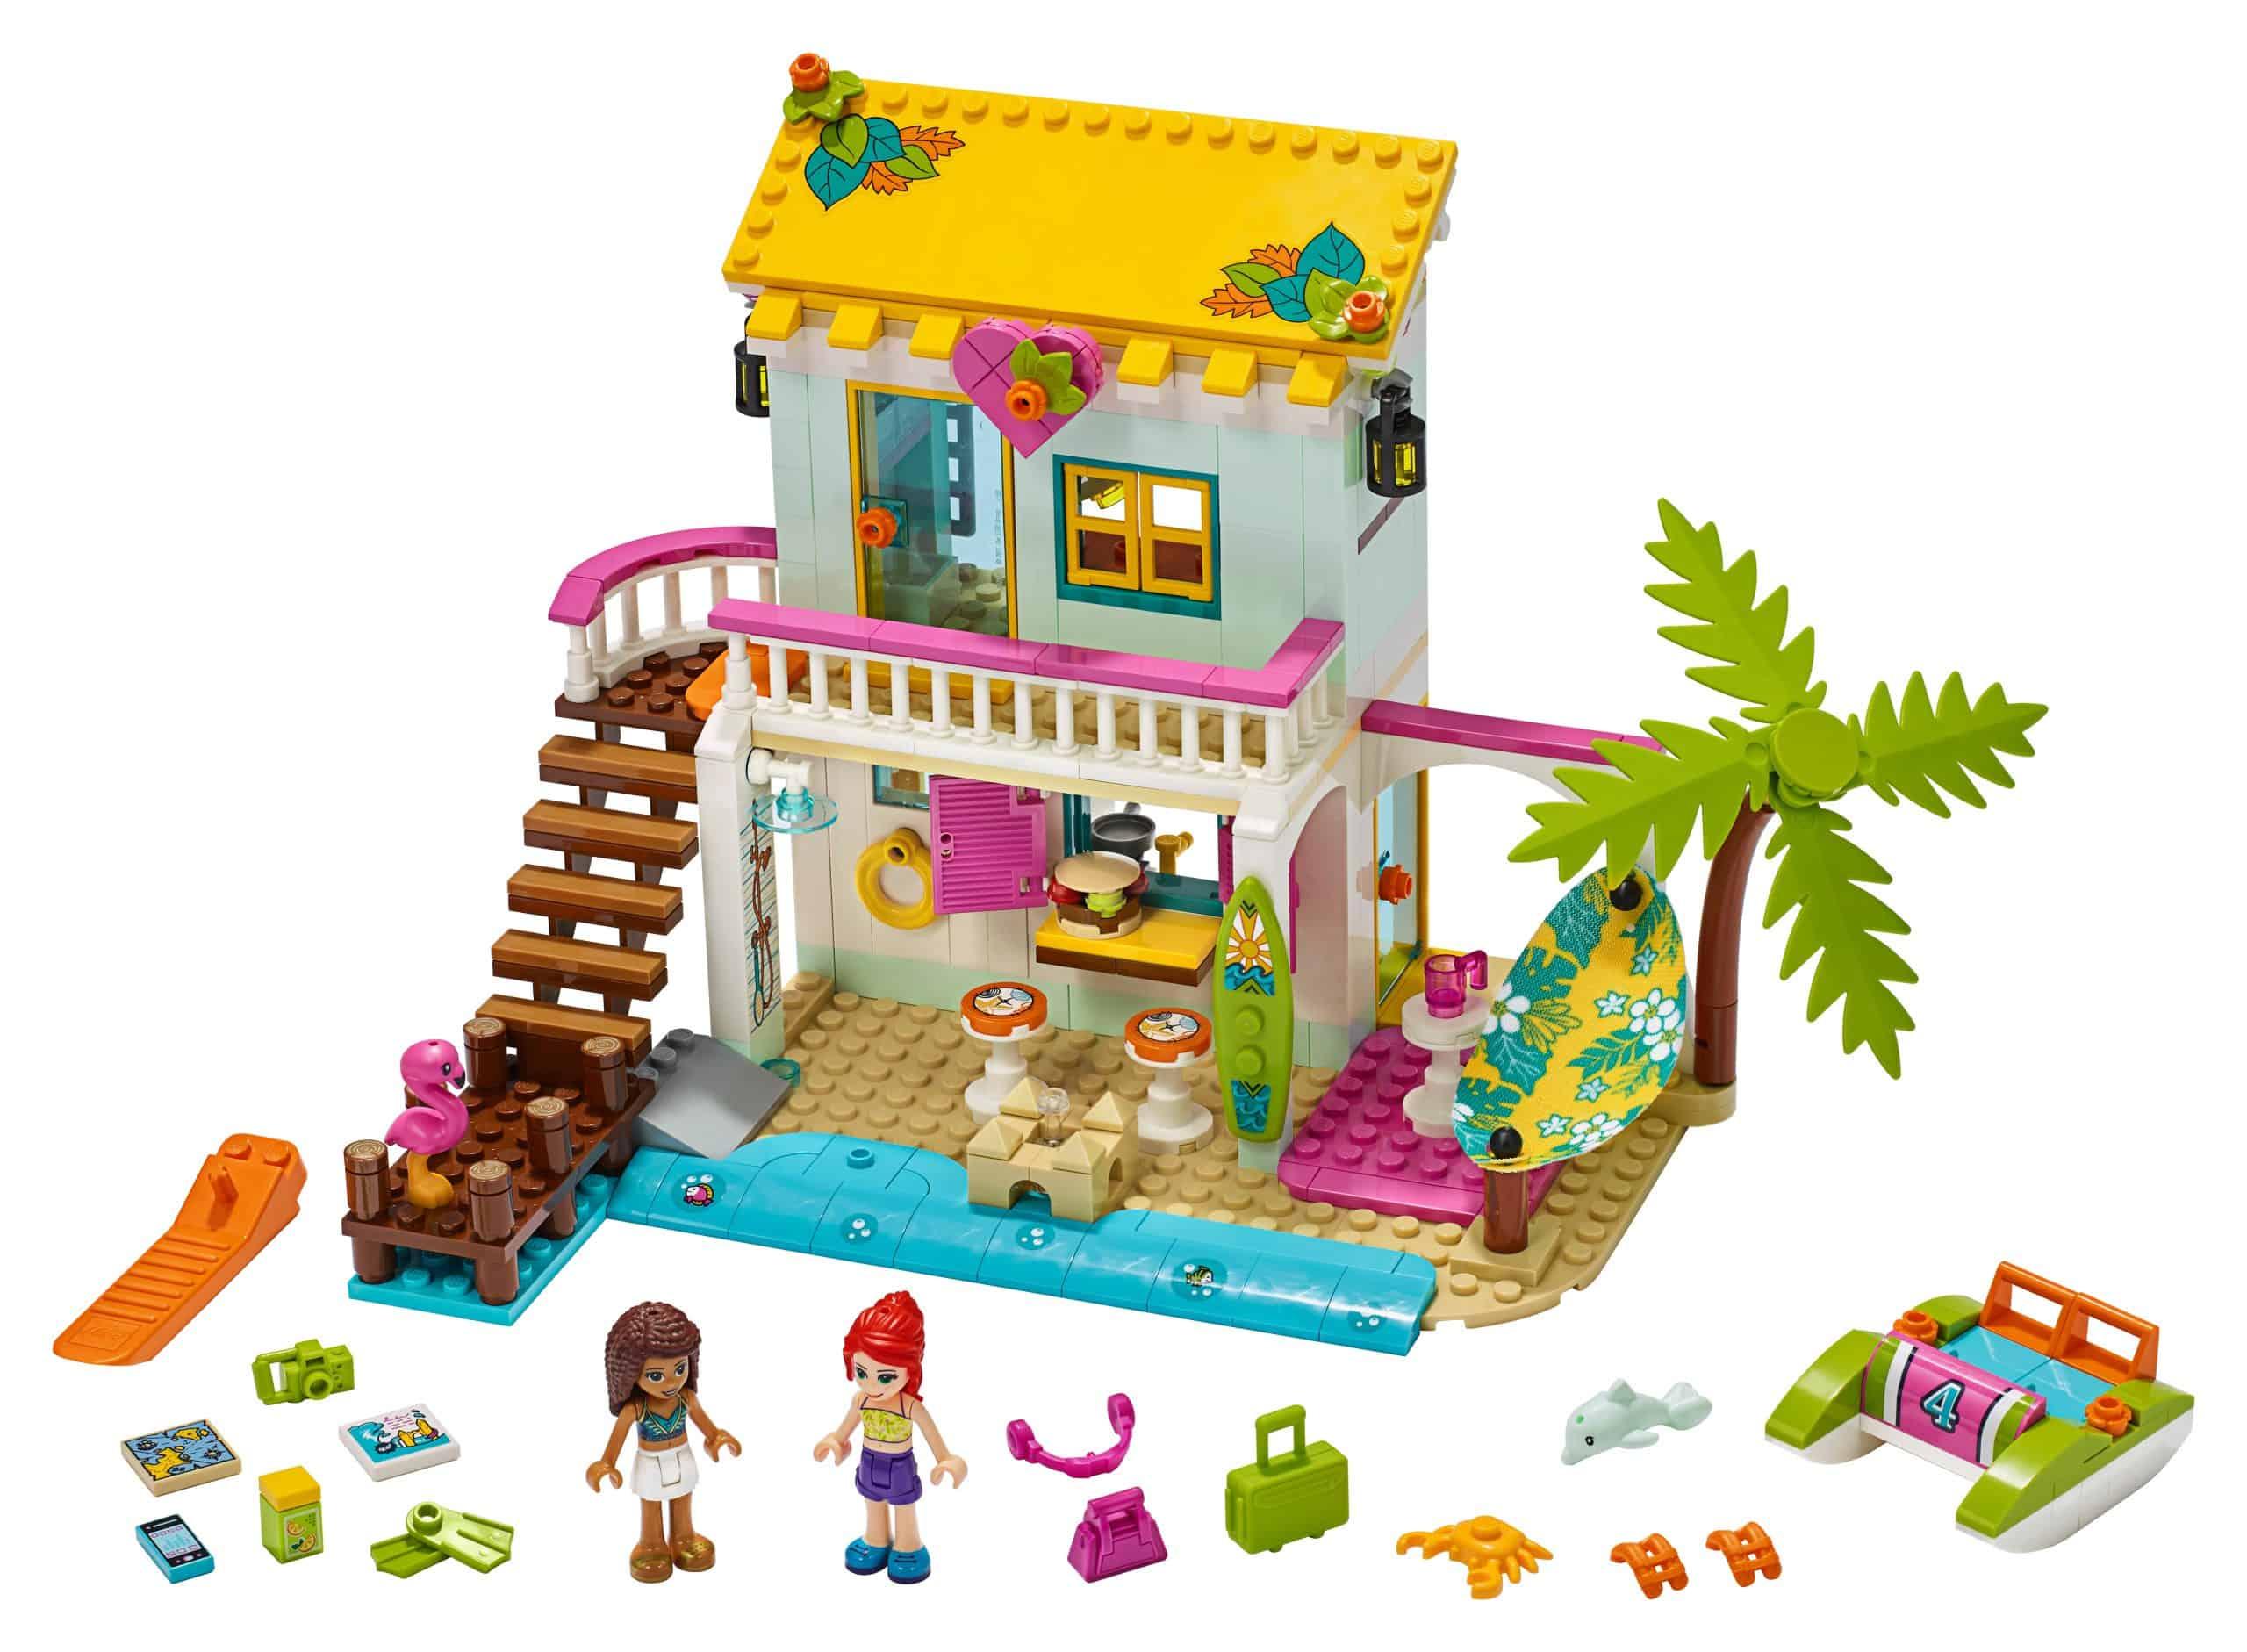 lego strandhuis 41428 scaled